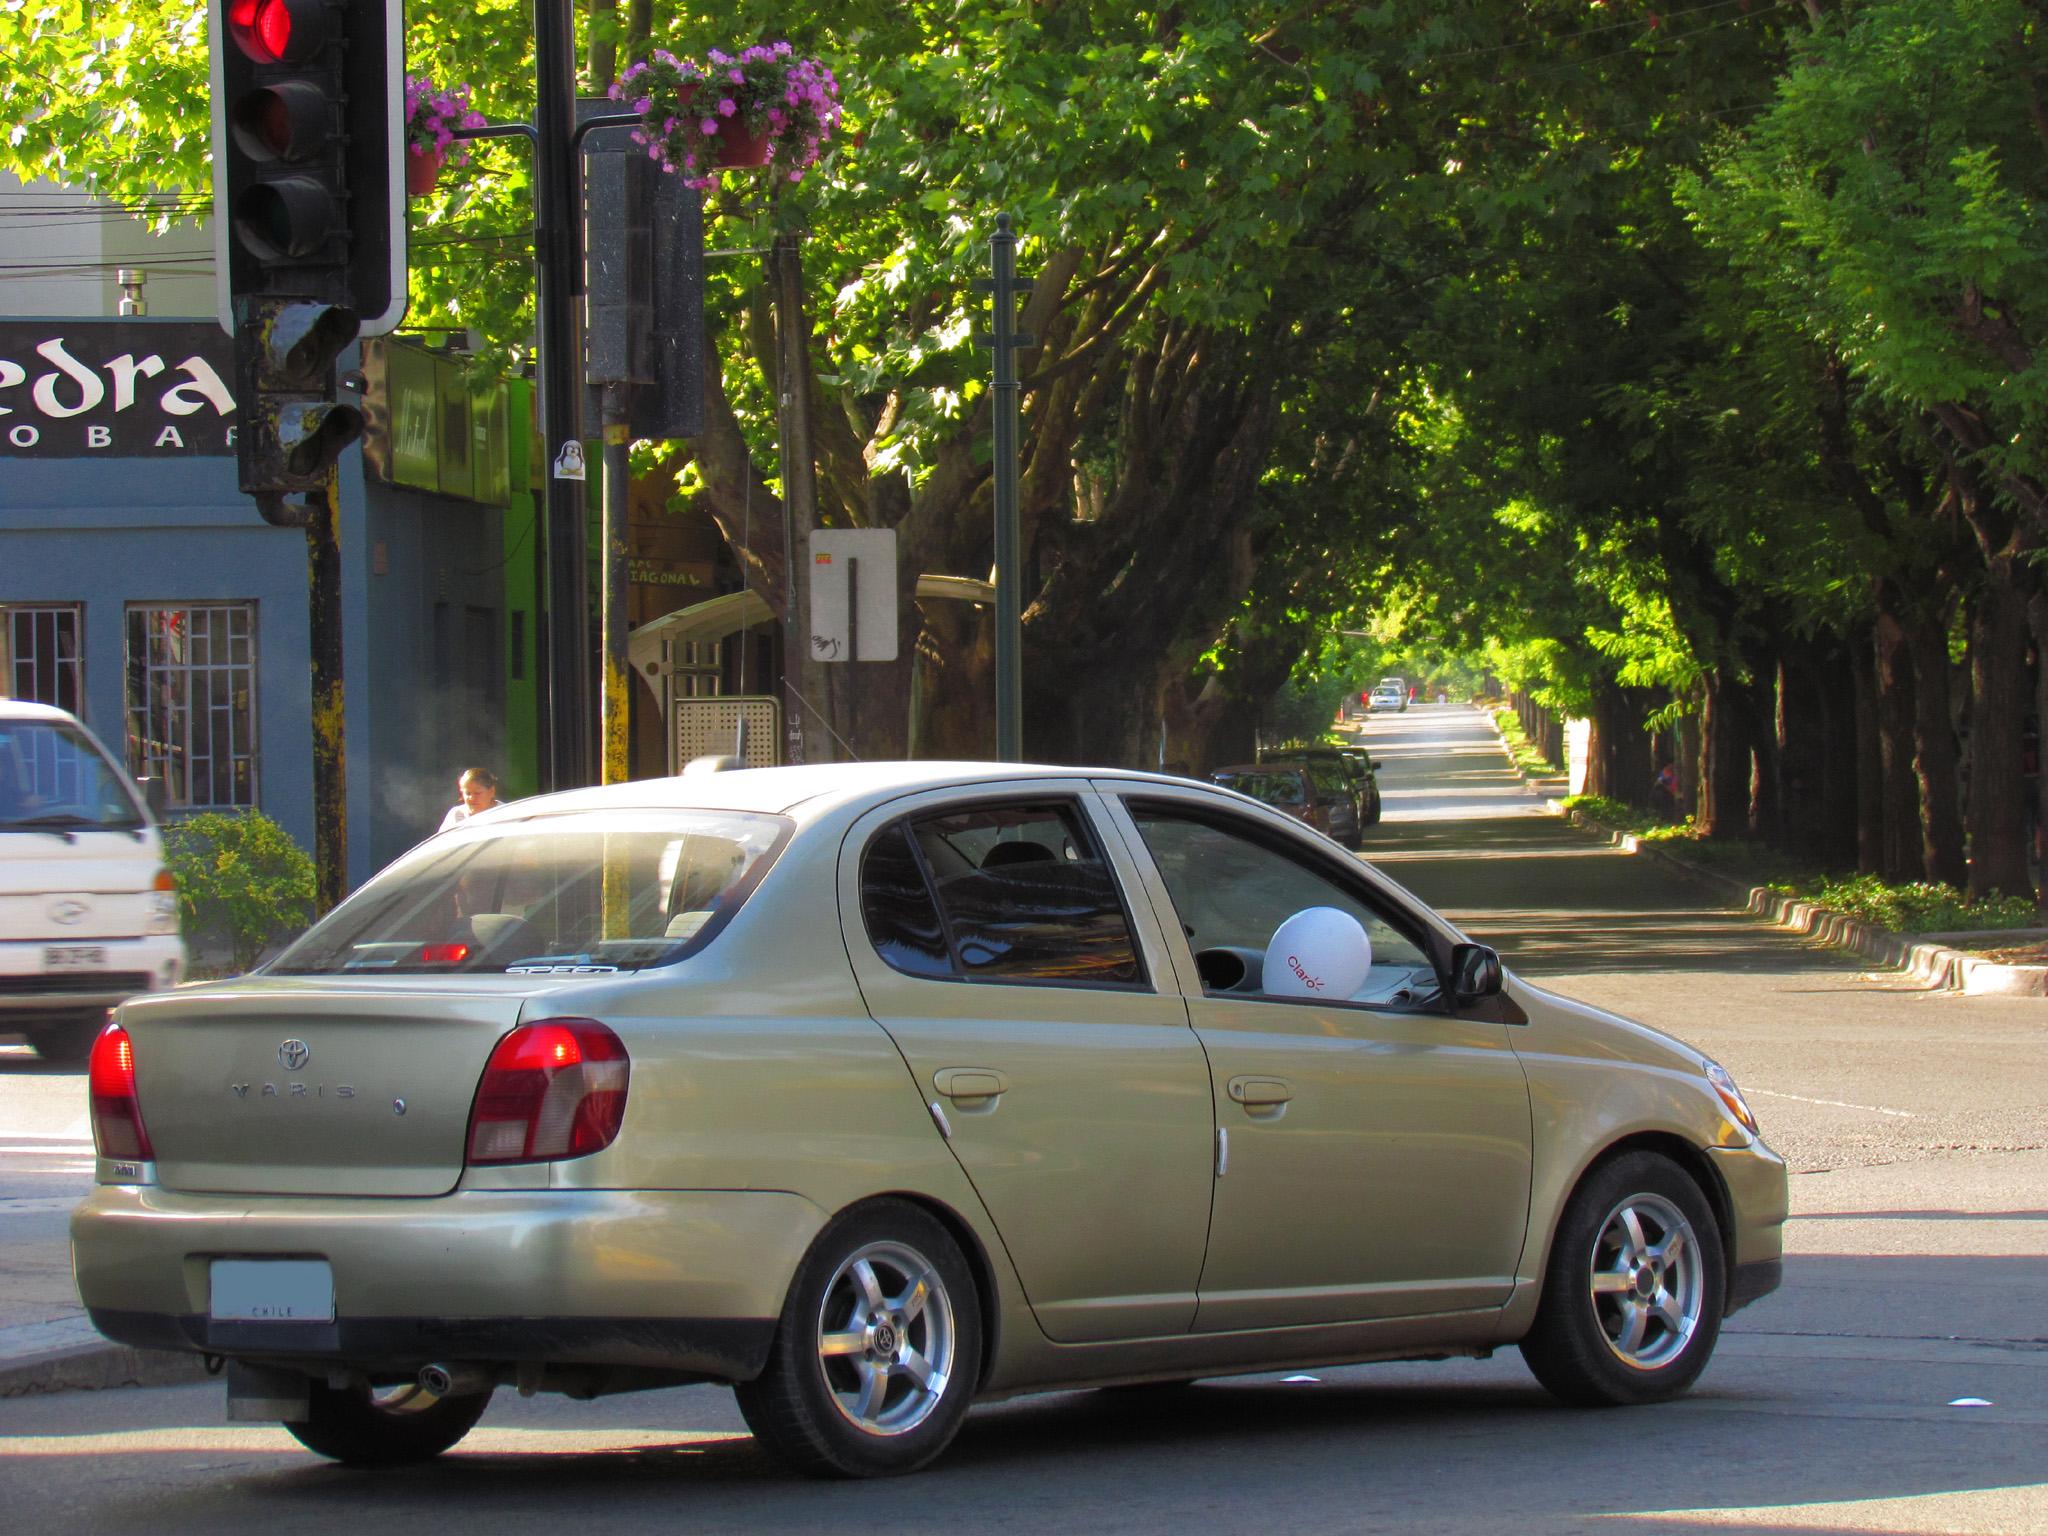 Kelebihan Kekurangan Toyota Yaris 2002 Tangguh